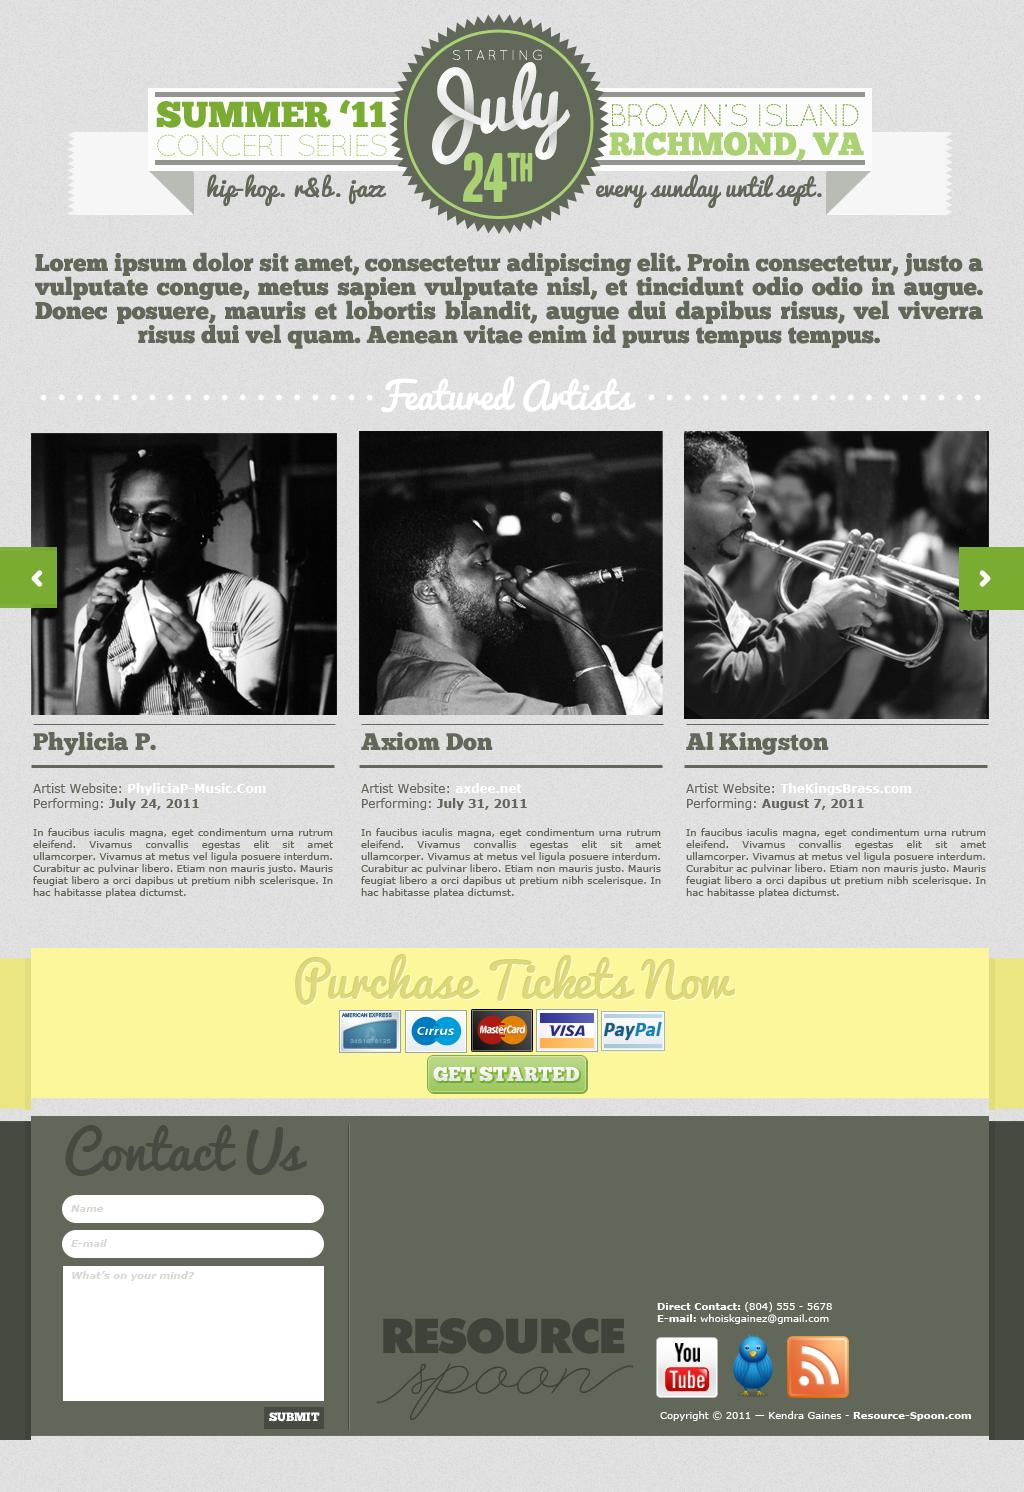 лучший псд исходник сайта, бесплатно, free psd site, green, silver